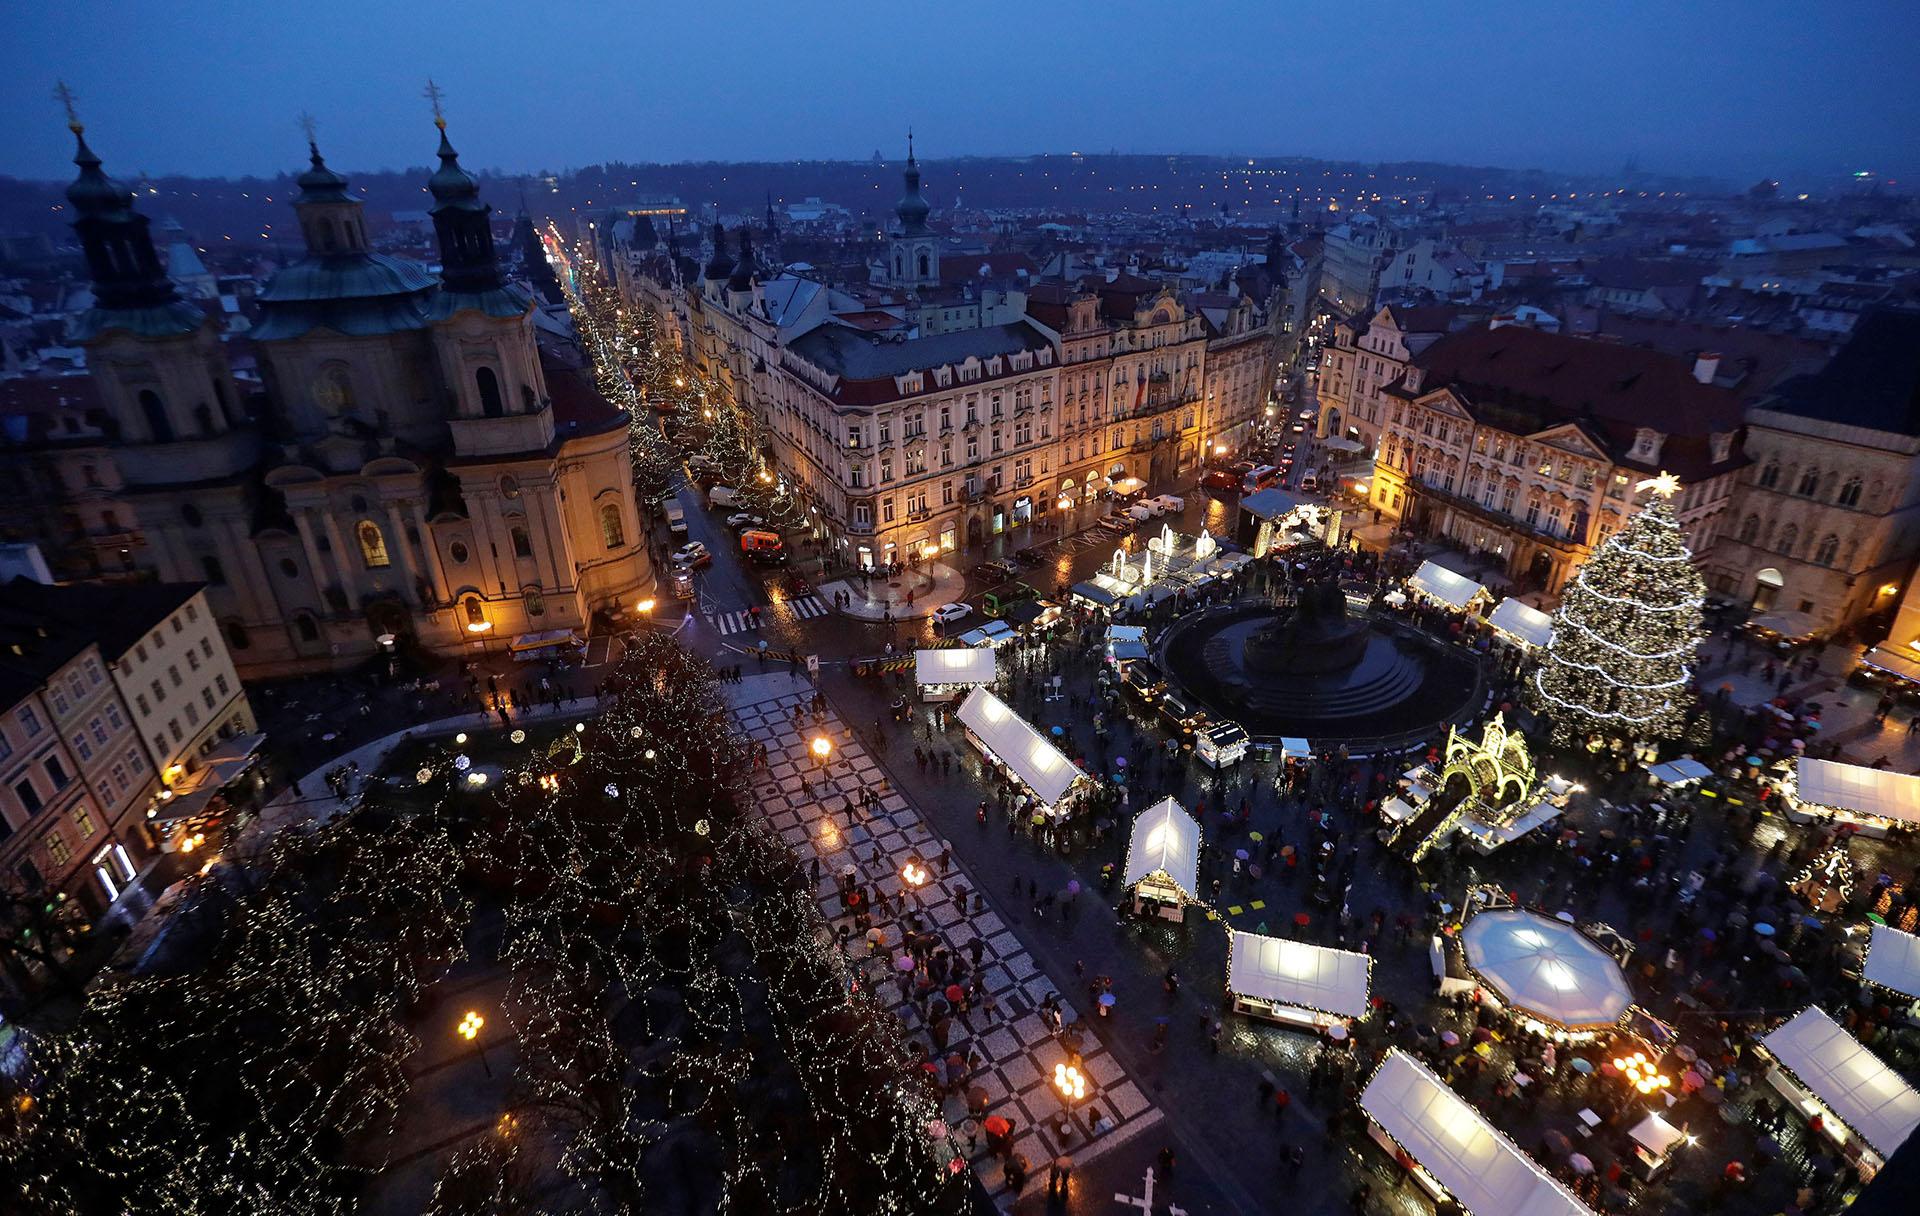 PRAGA, REPÚBLICA CHECA. En la Ciudad Vieja de Praga hay un enorme árbol iluminado con luces de colores